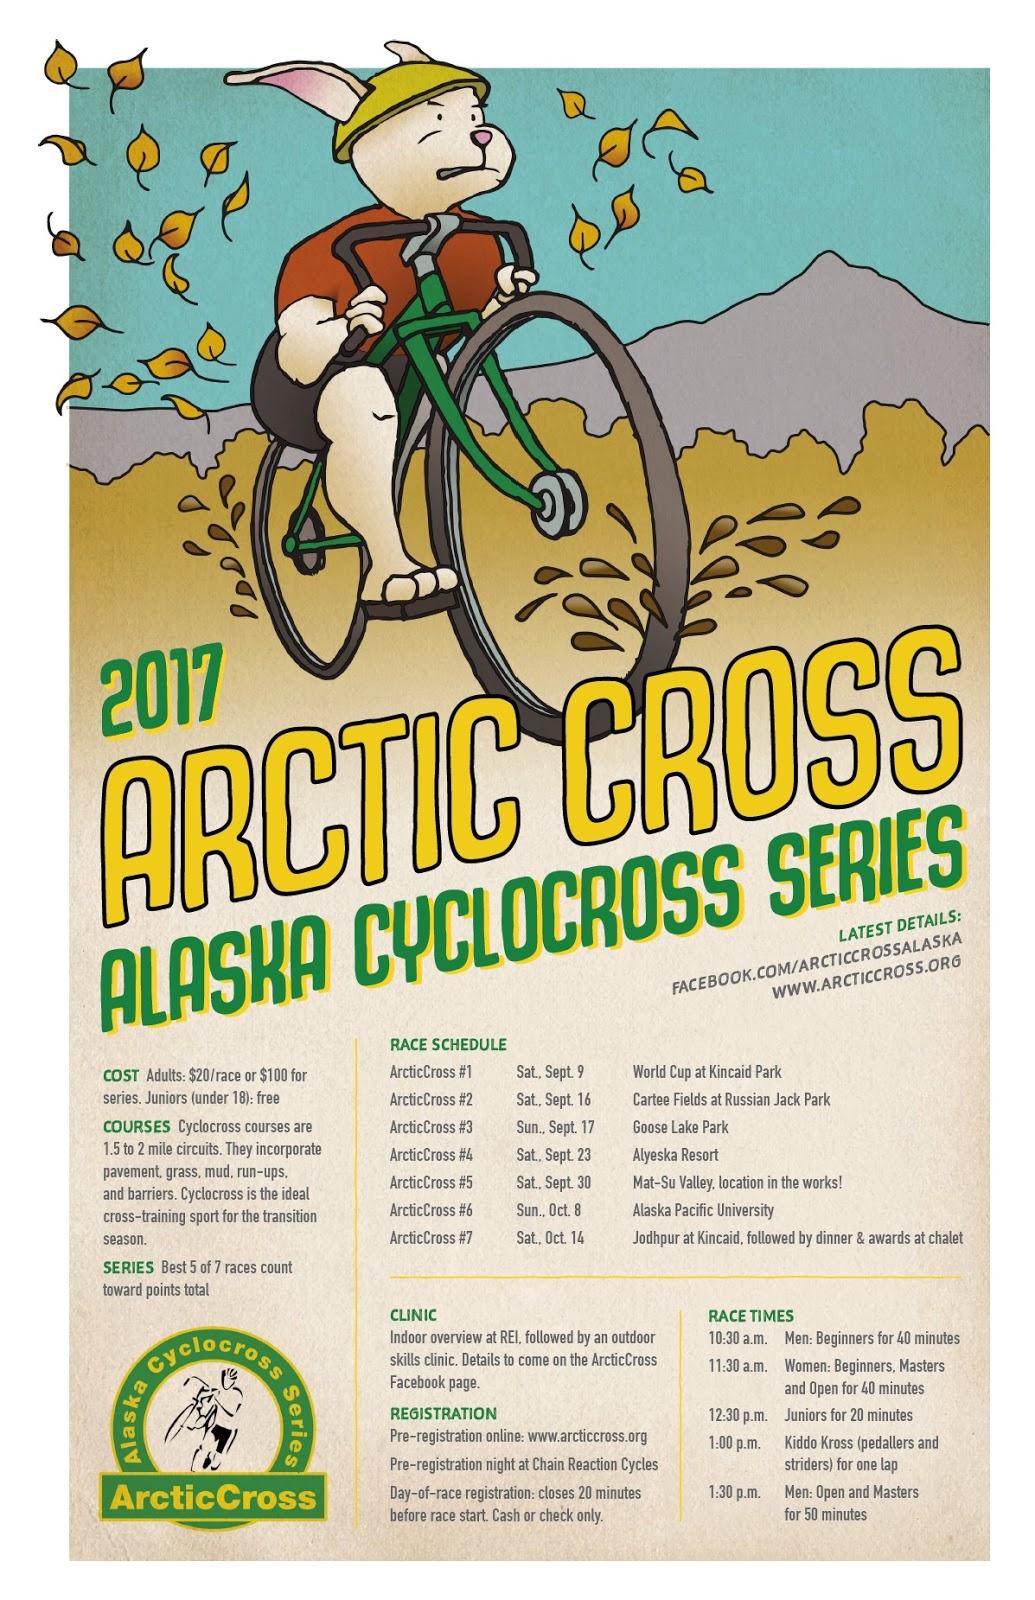 ArcticCross: 2017